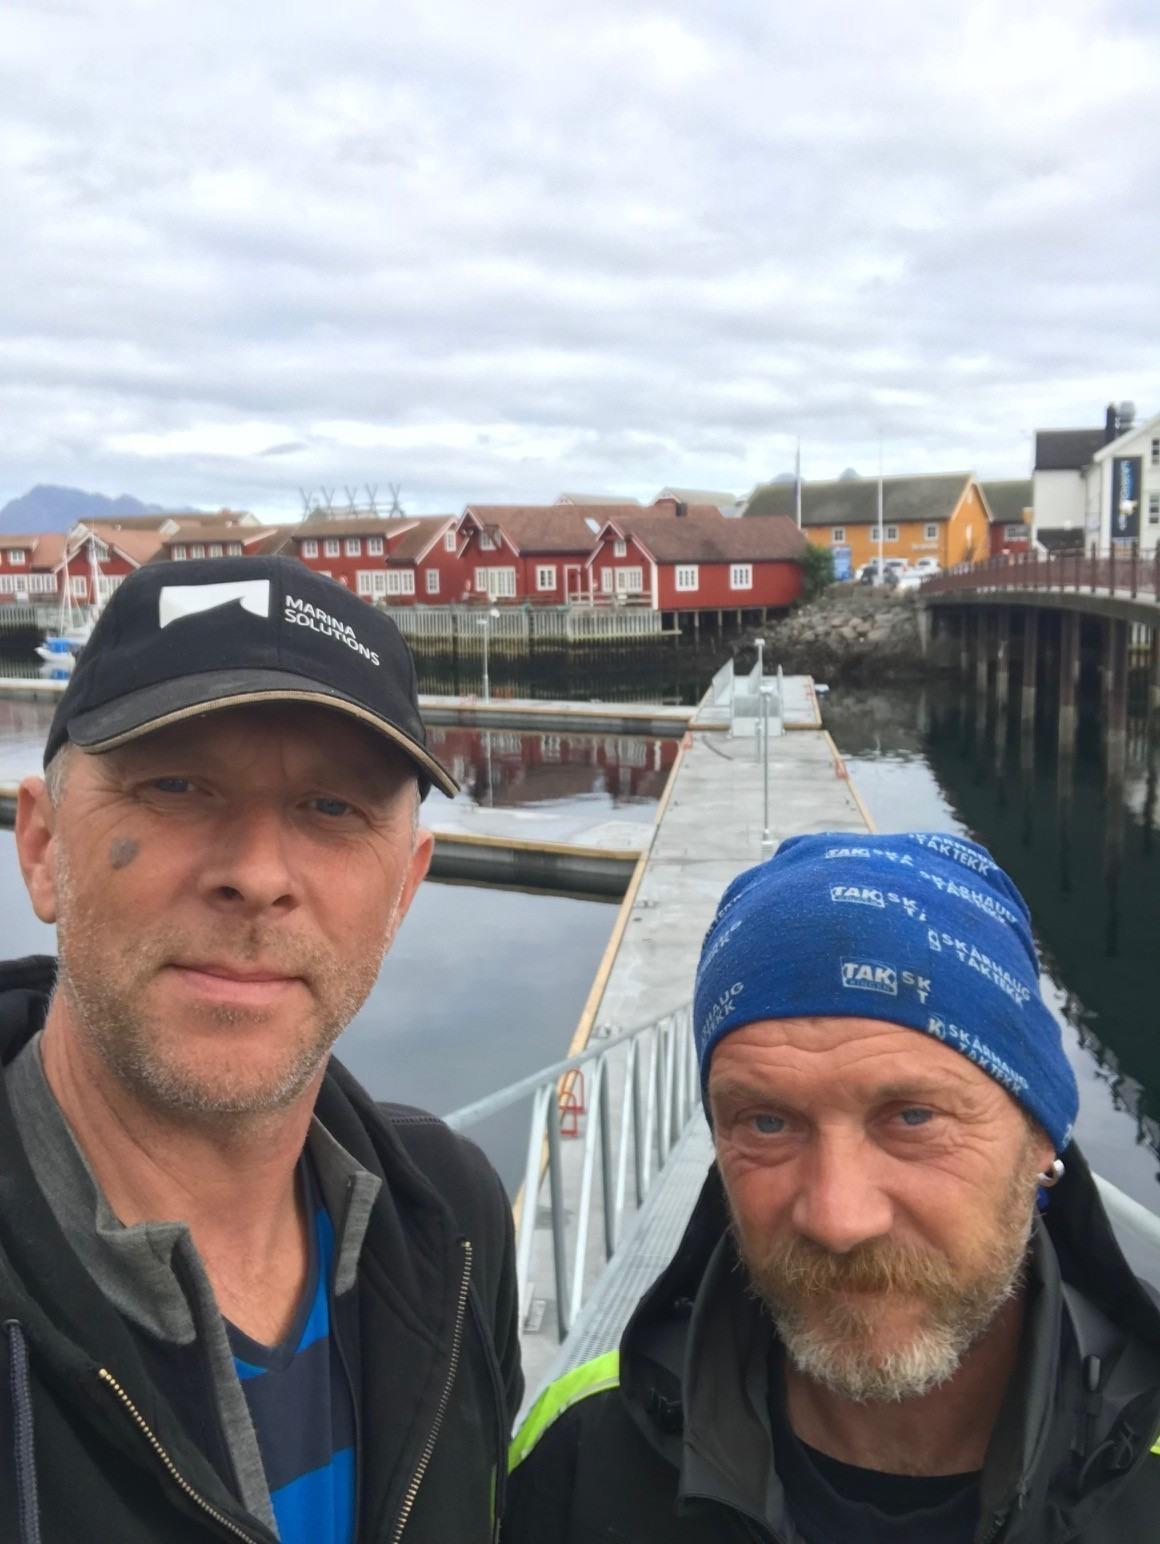 https://www.marinasolutions.no/uploads/Svolvær-Marina-solutions-flytebrygger-Leif-Petter-Vartdal-Erling-Berge-montører-2.jpg